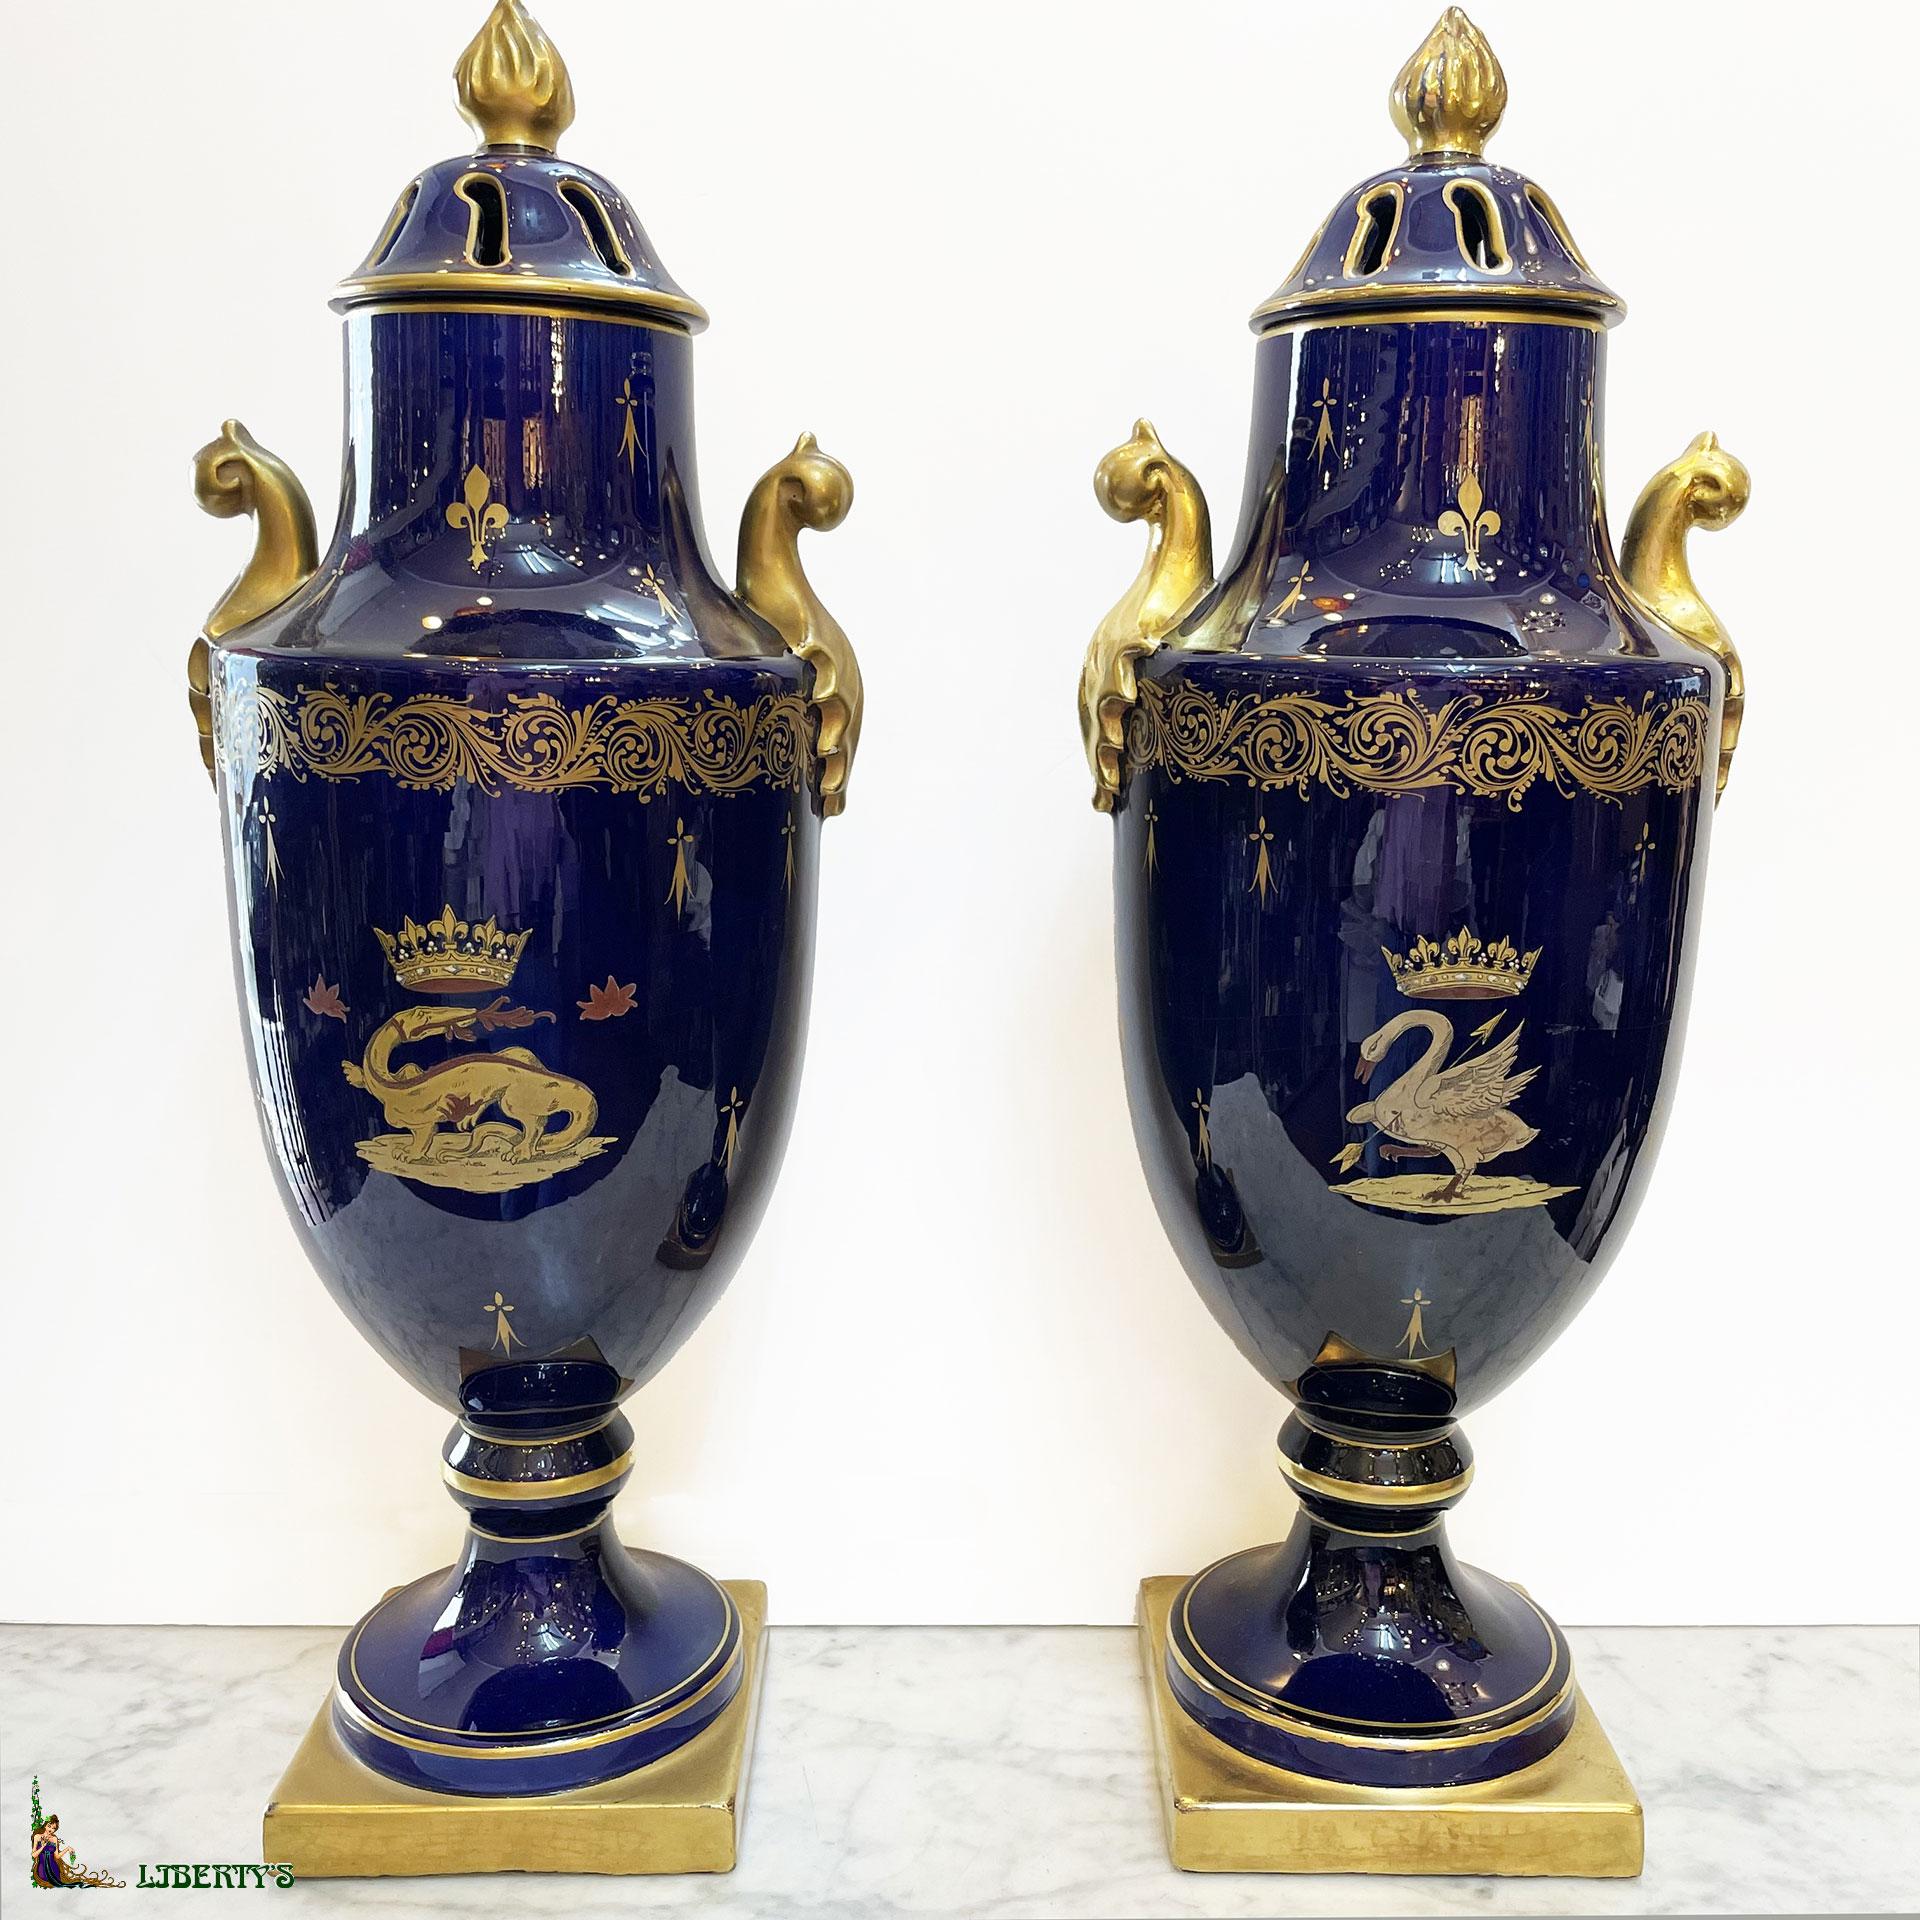 Liberty S Antiques Faience Faiences Items For Sale Objets En Vente